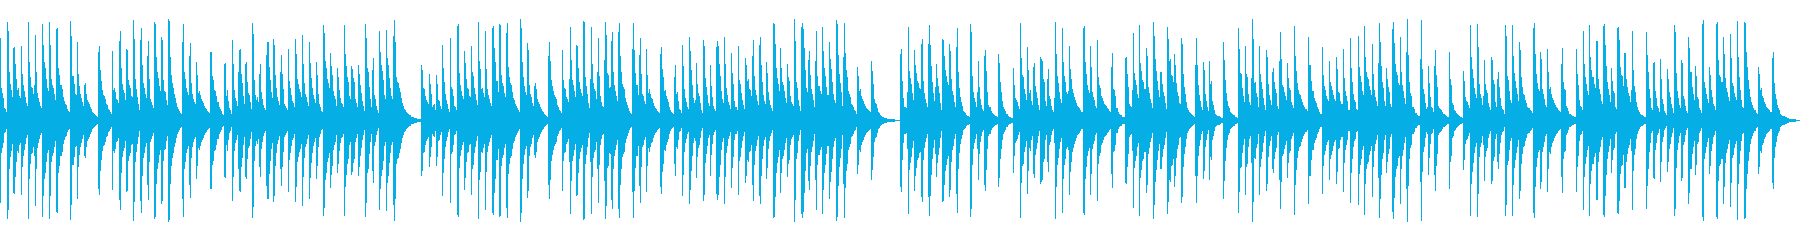 解説や作業動画に合う可愛い木琴(ループの再生済みの波形